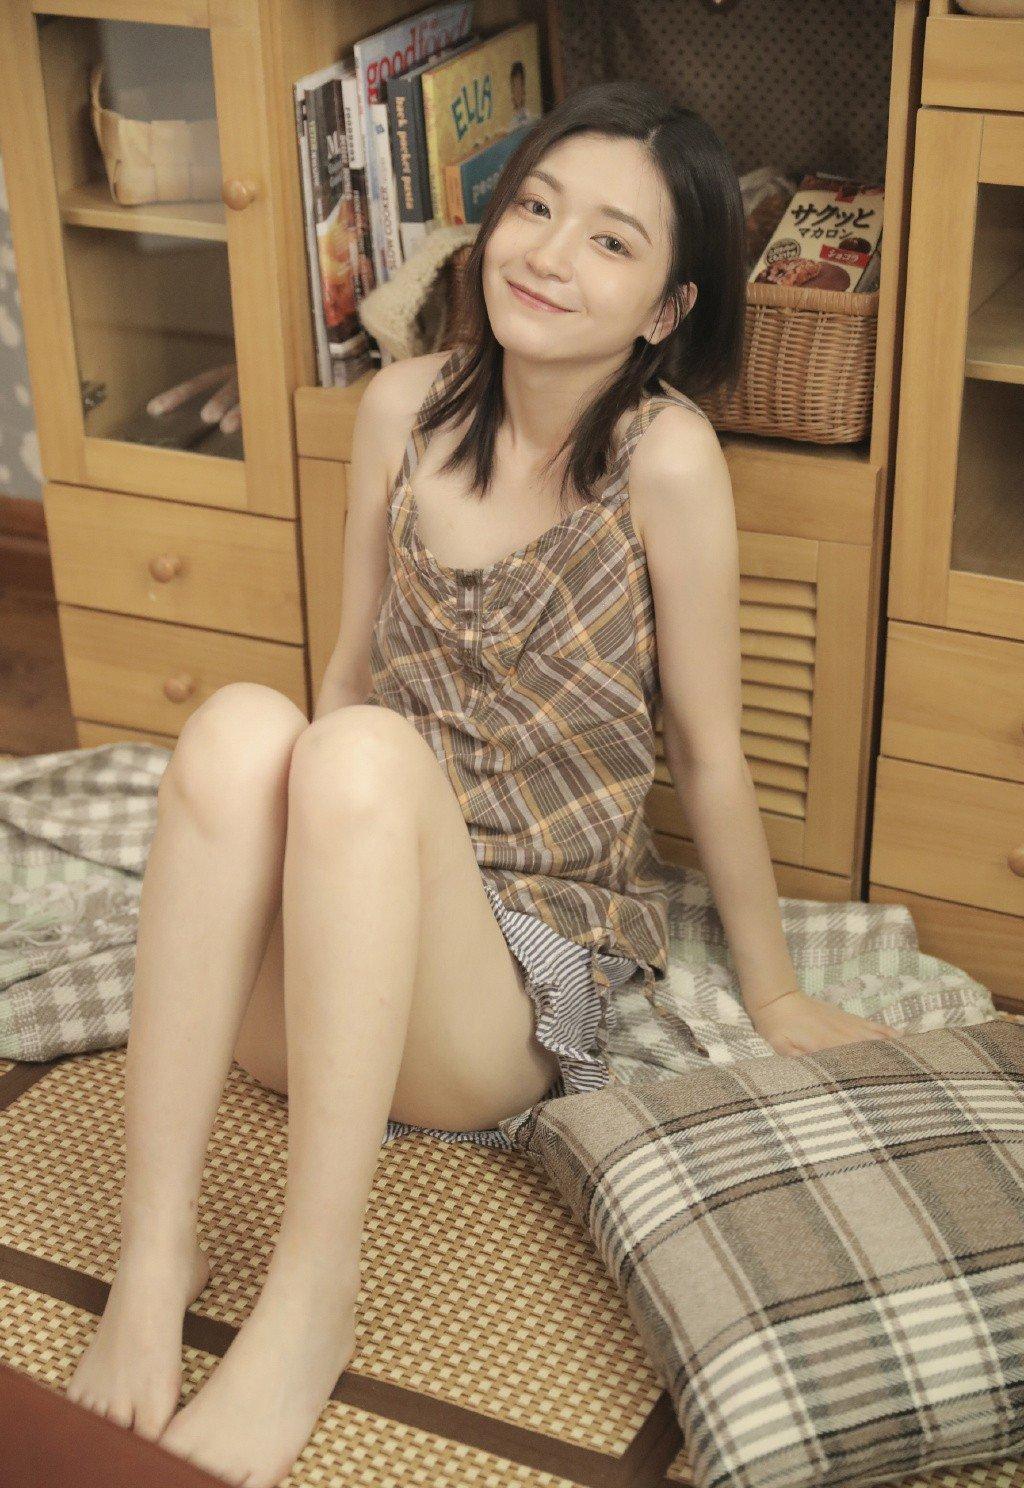 细长美腿美女吊带酥胸妖娆性感写真